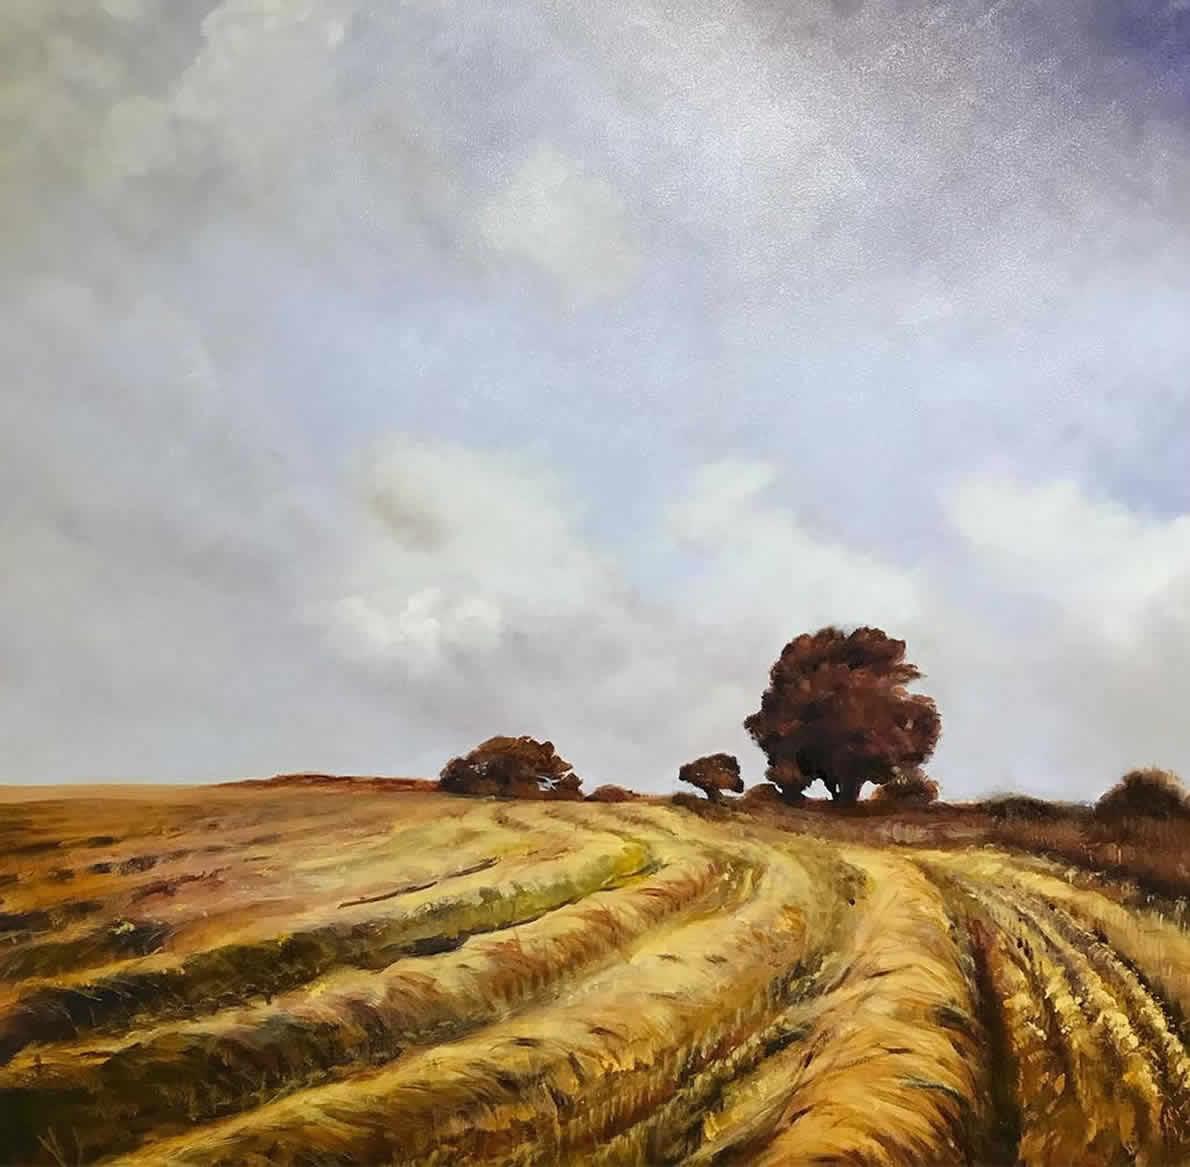 Cleddau Barleyfield #3, 2018